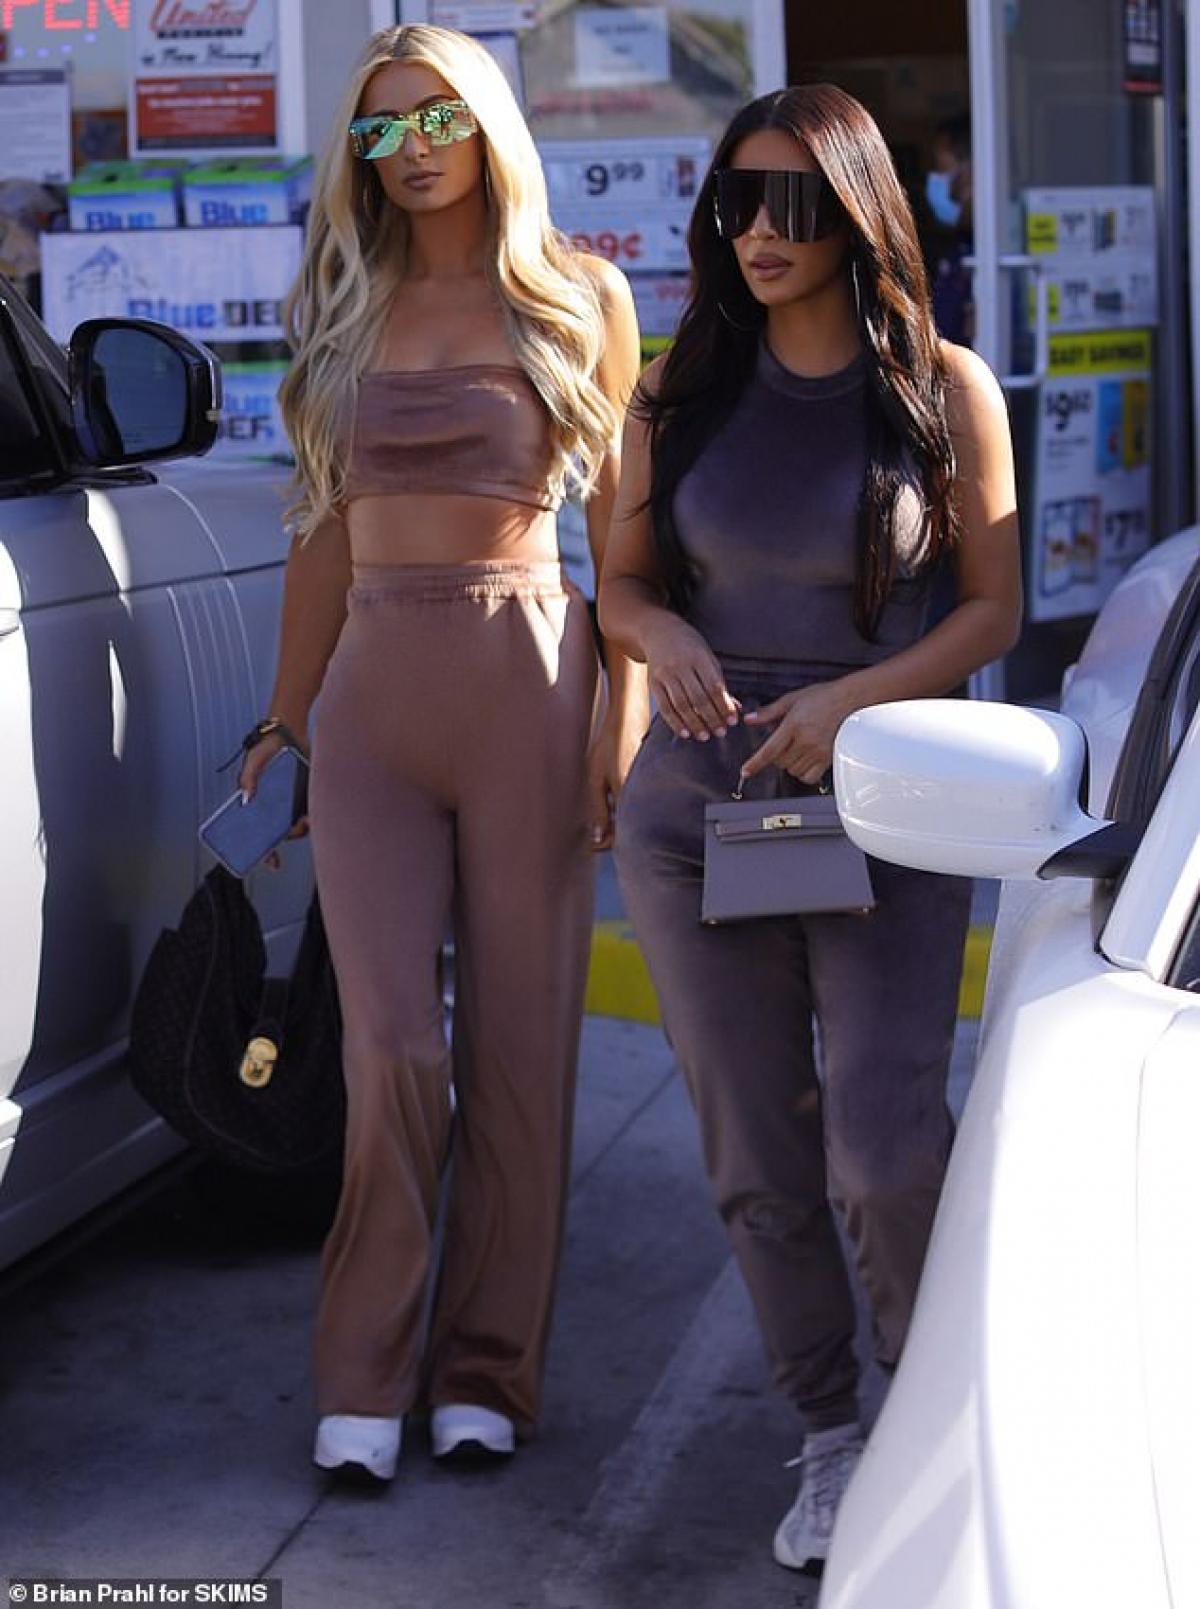 Cả hai cùng diện đồ sang chảnh trong bộ sưu tập mới SKIMS của Kim Kardashian khi ra phố.